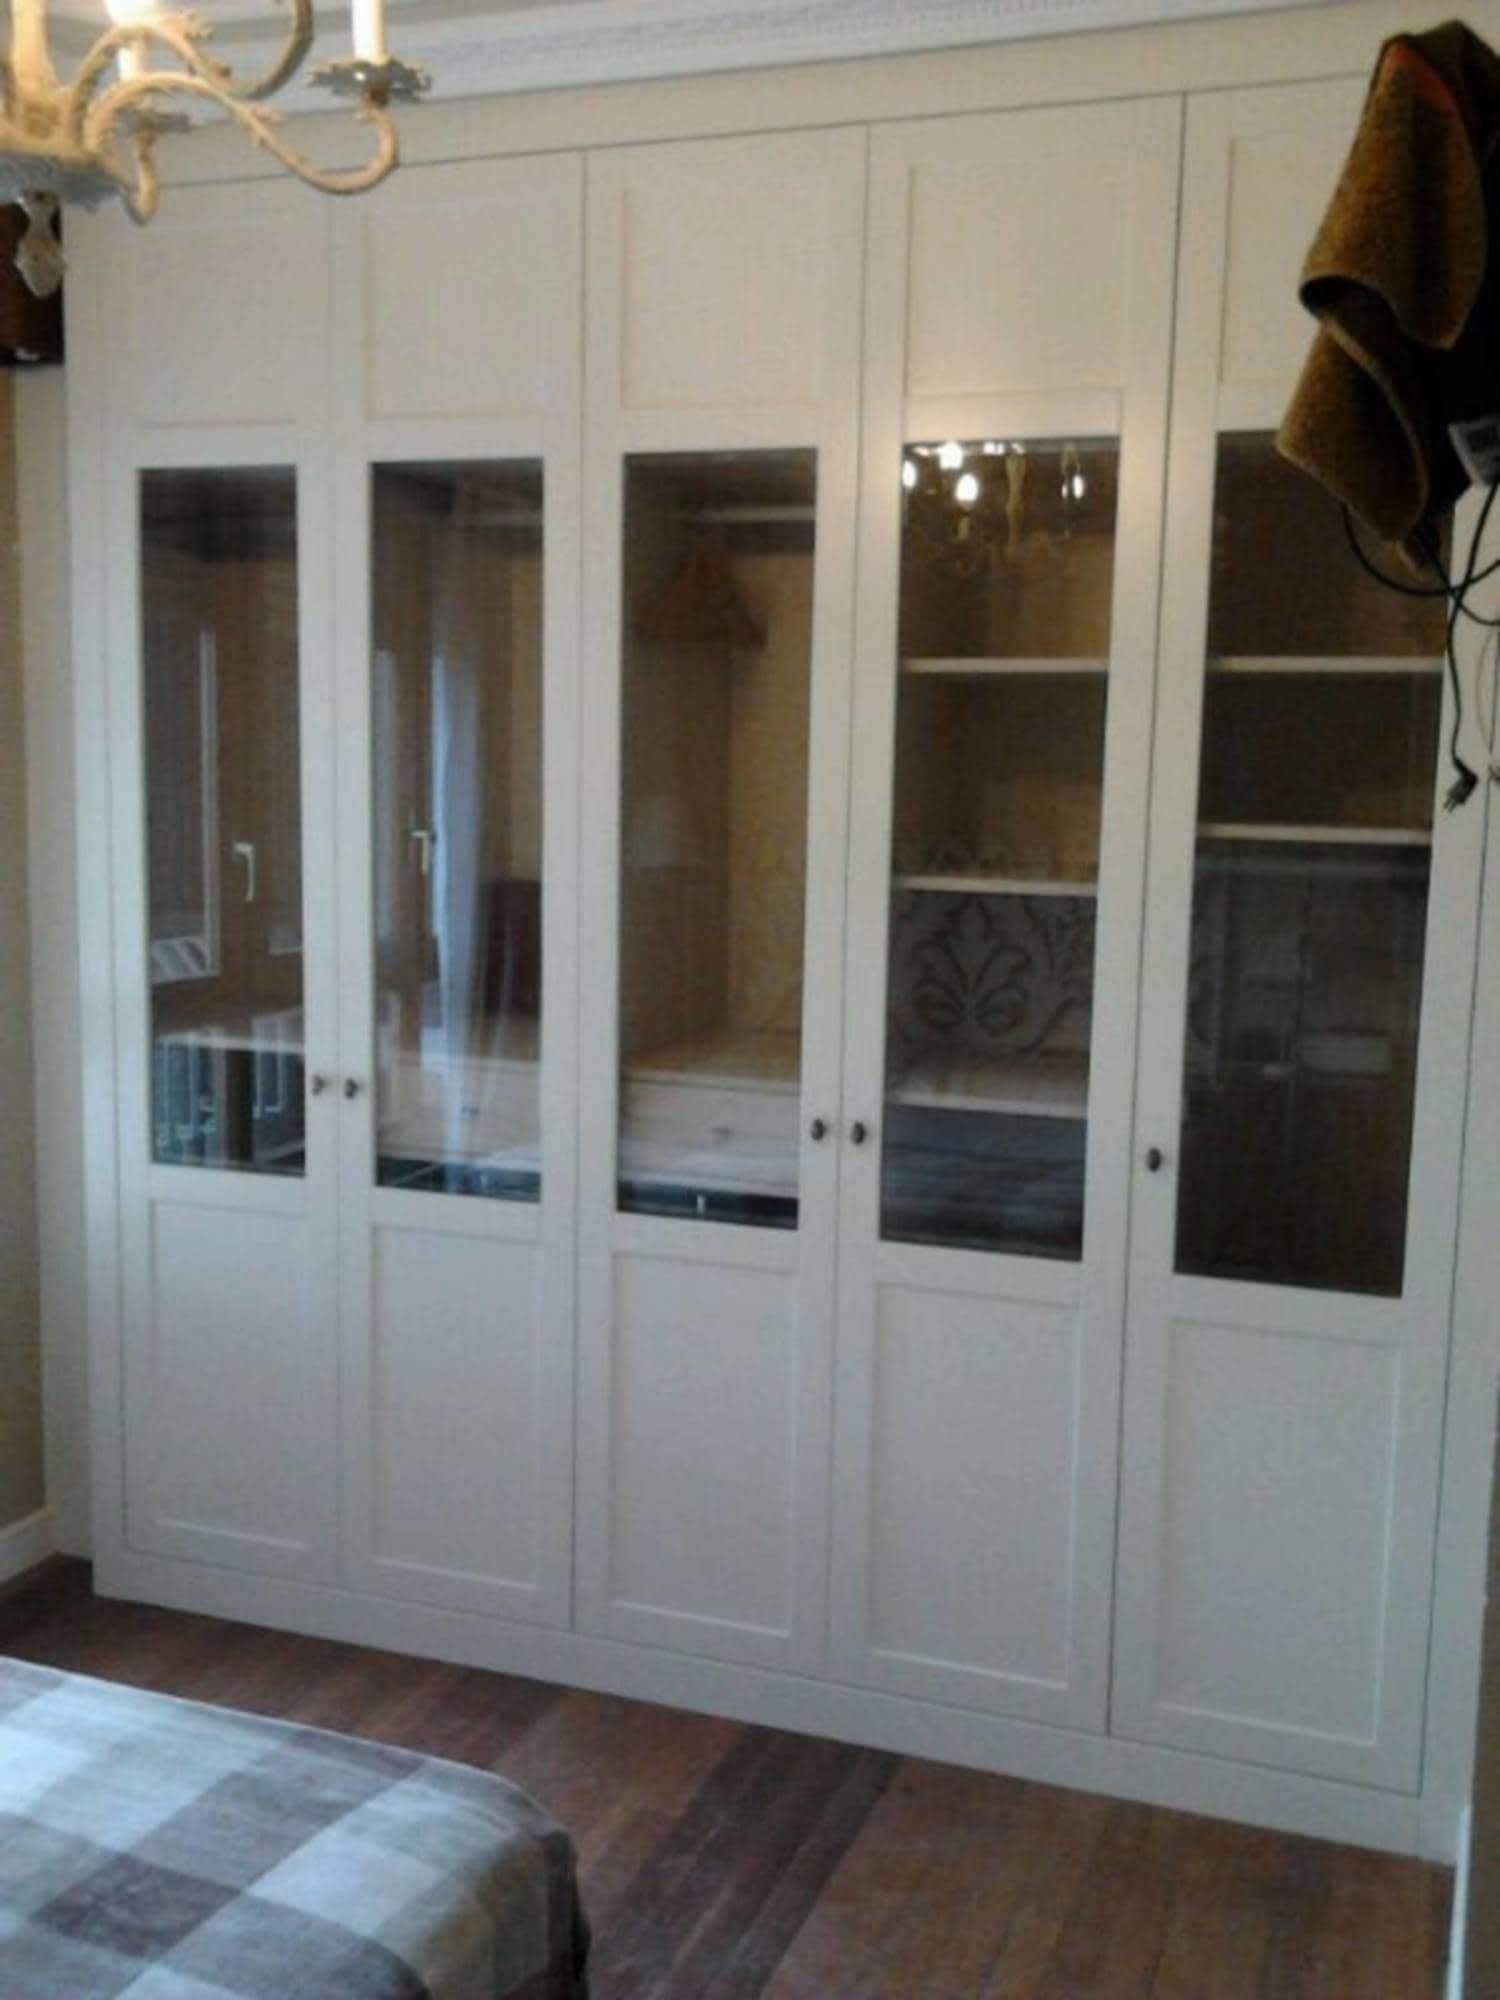 Cortina para armario mt84 ivango - Armarios con puertas de cristal ...